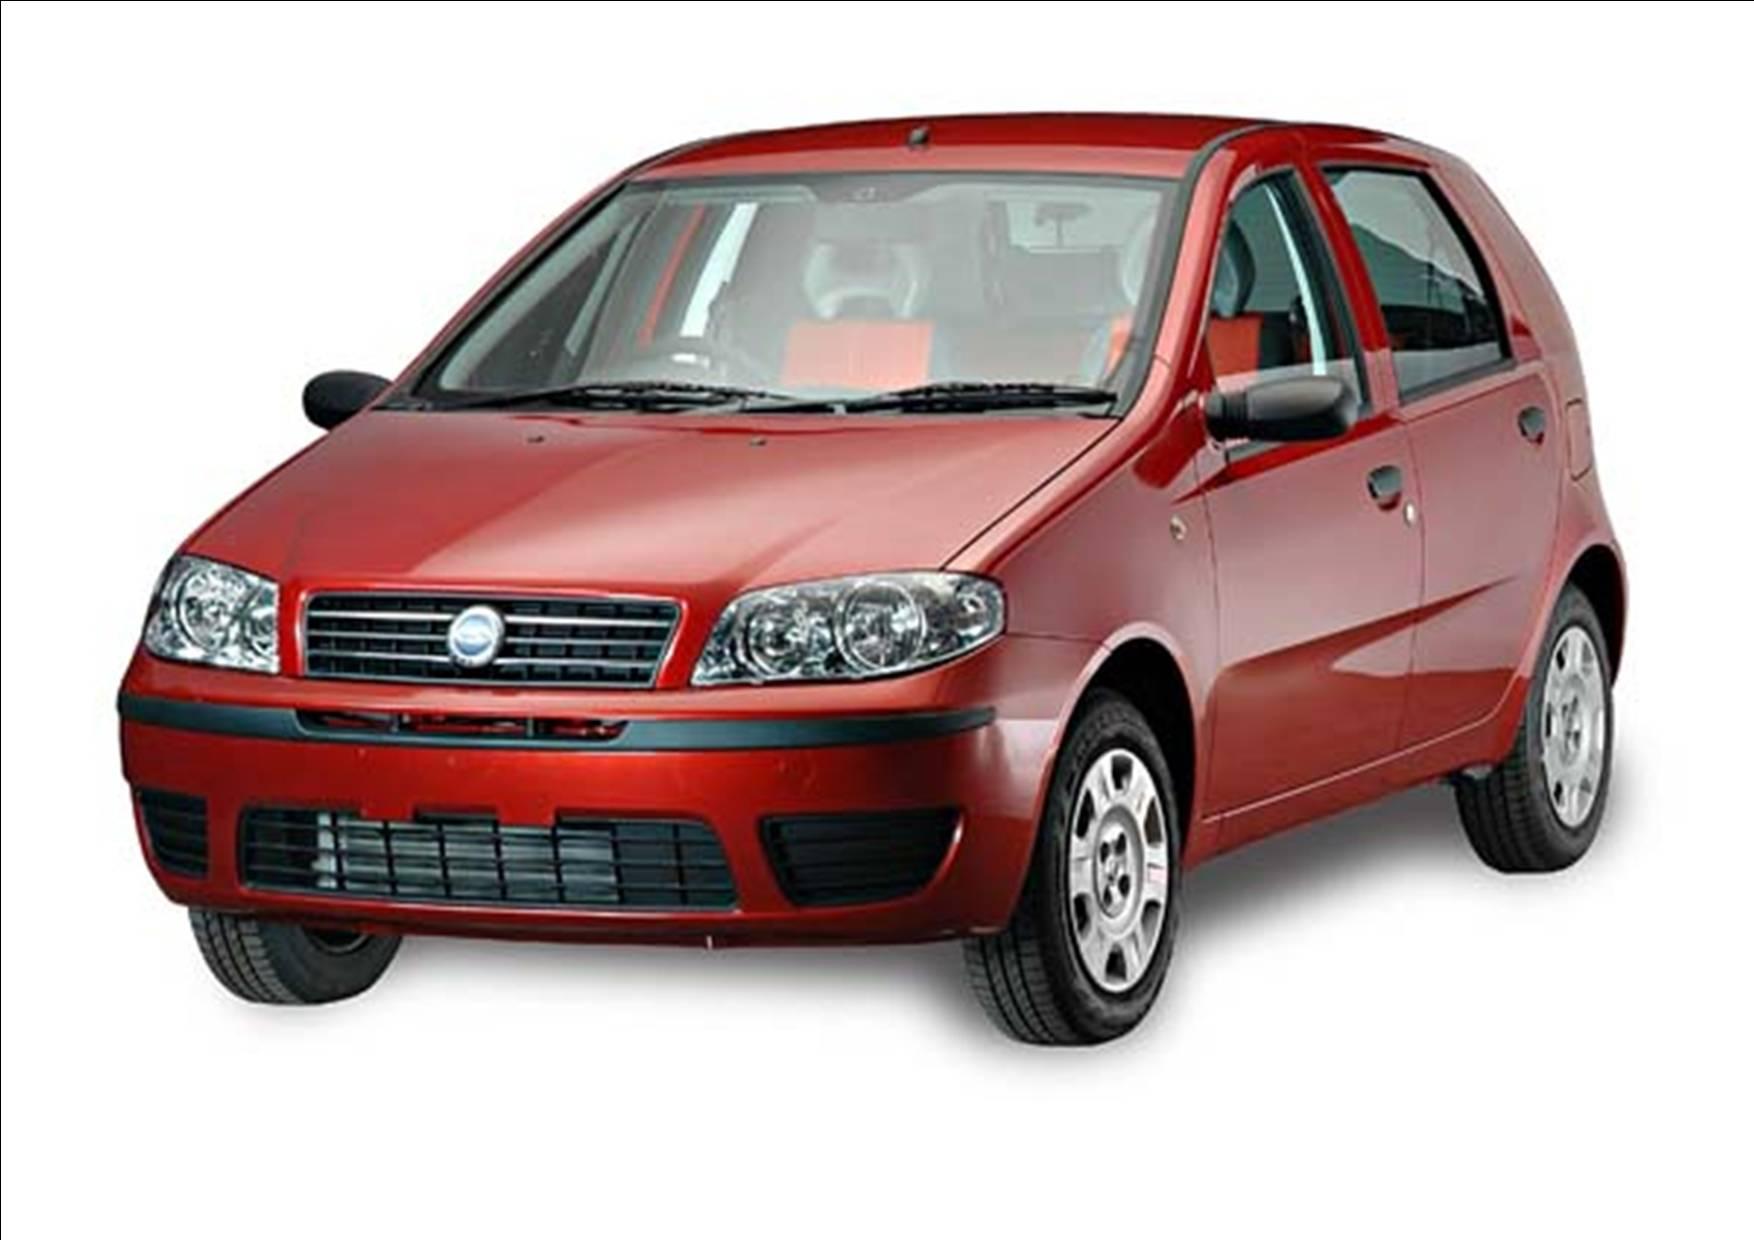 Azbuka automobila - Page 18 577bc3c405121664d4536a86b5bc1dc9